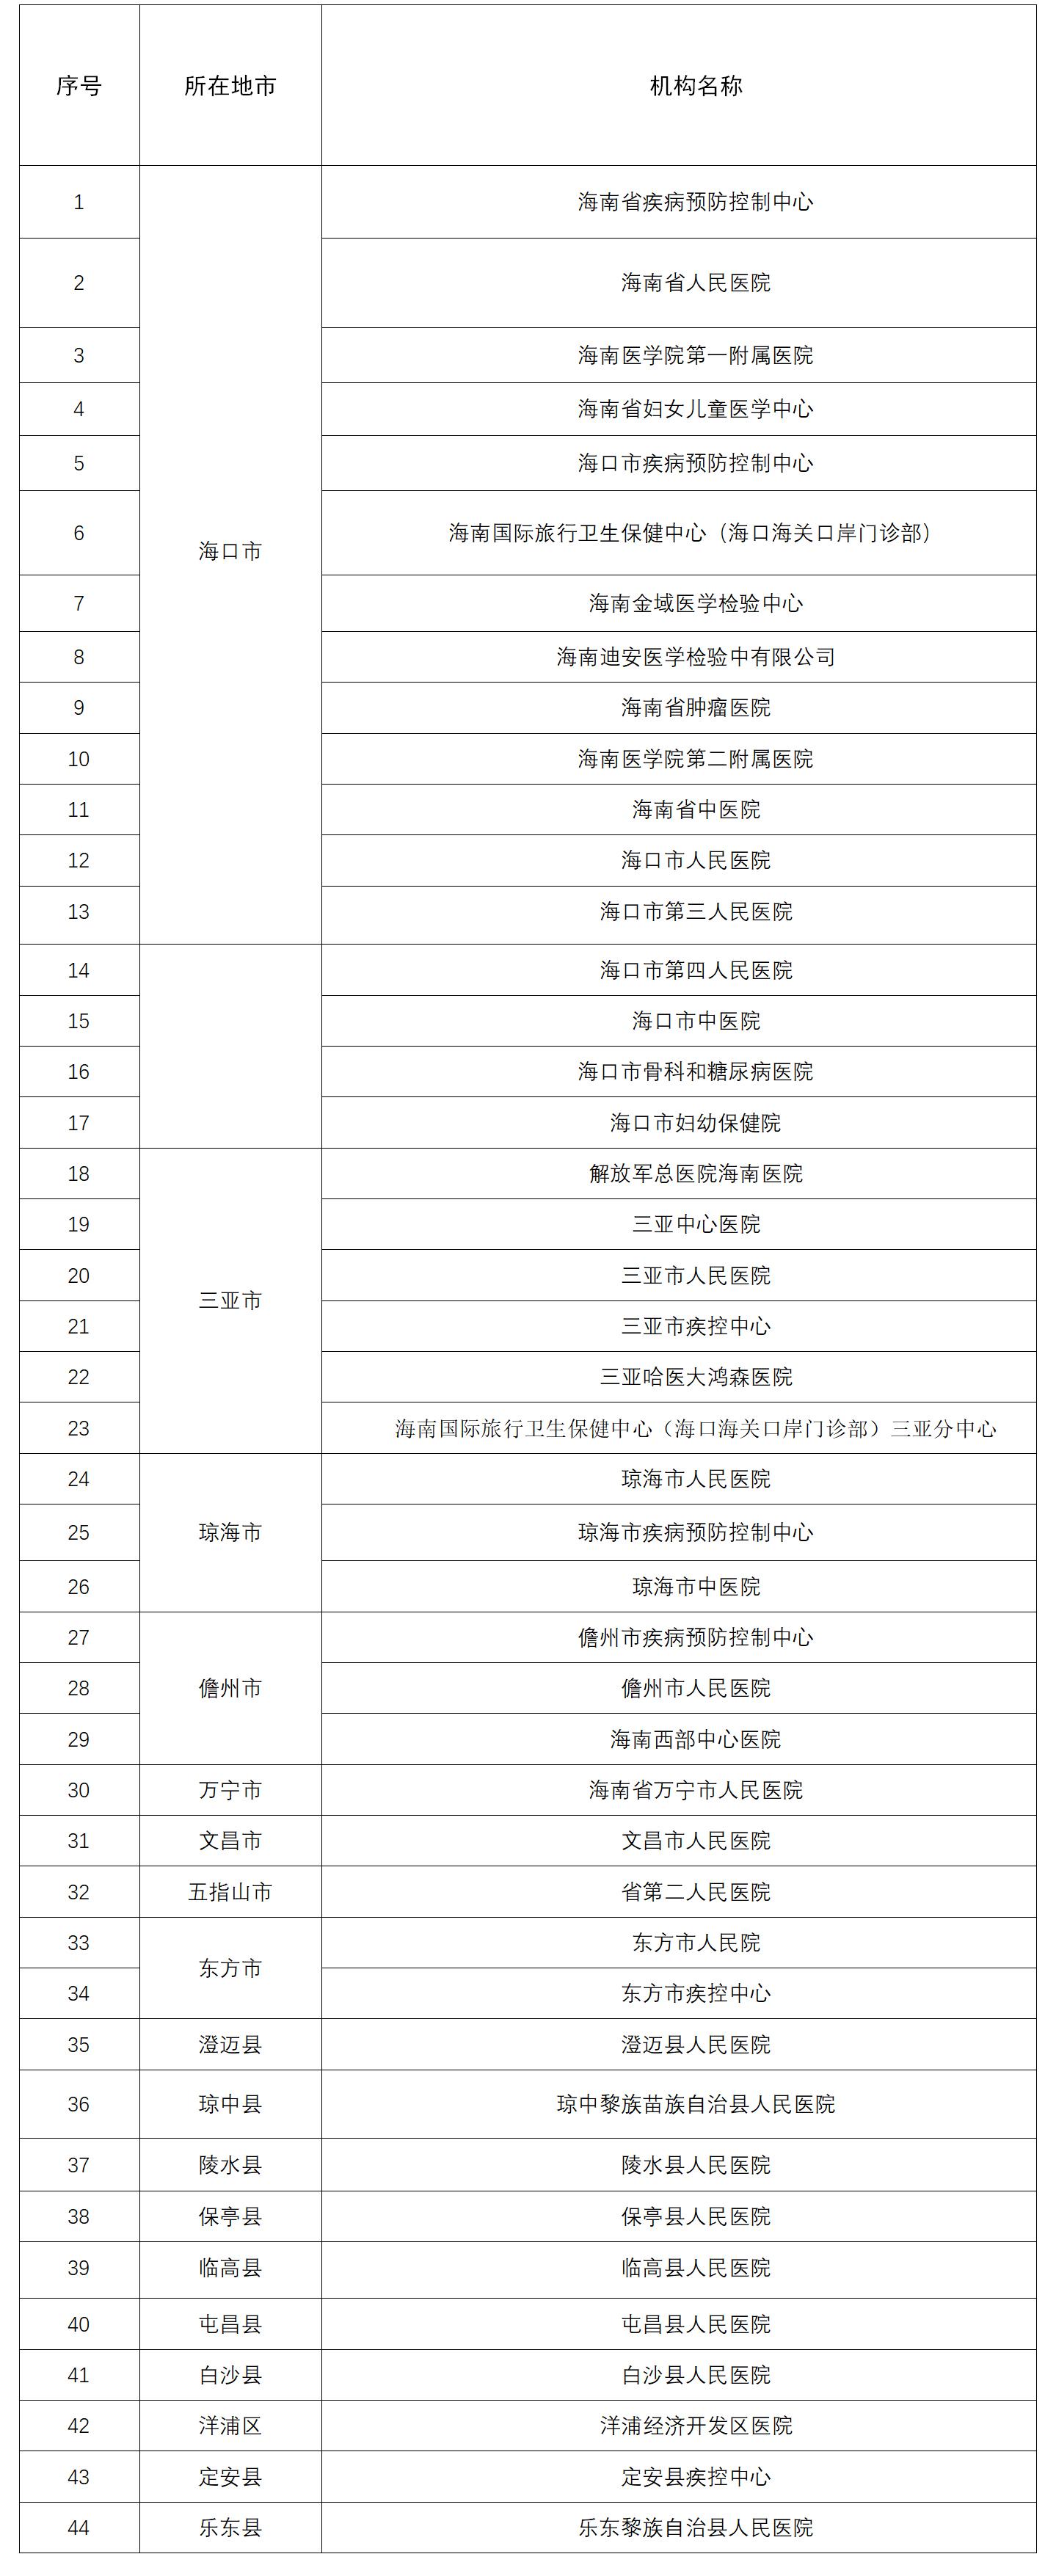 转存!海南这44家机构可做核酸检测(附名单)